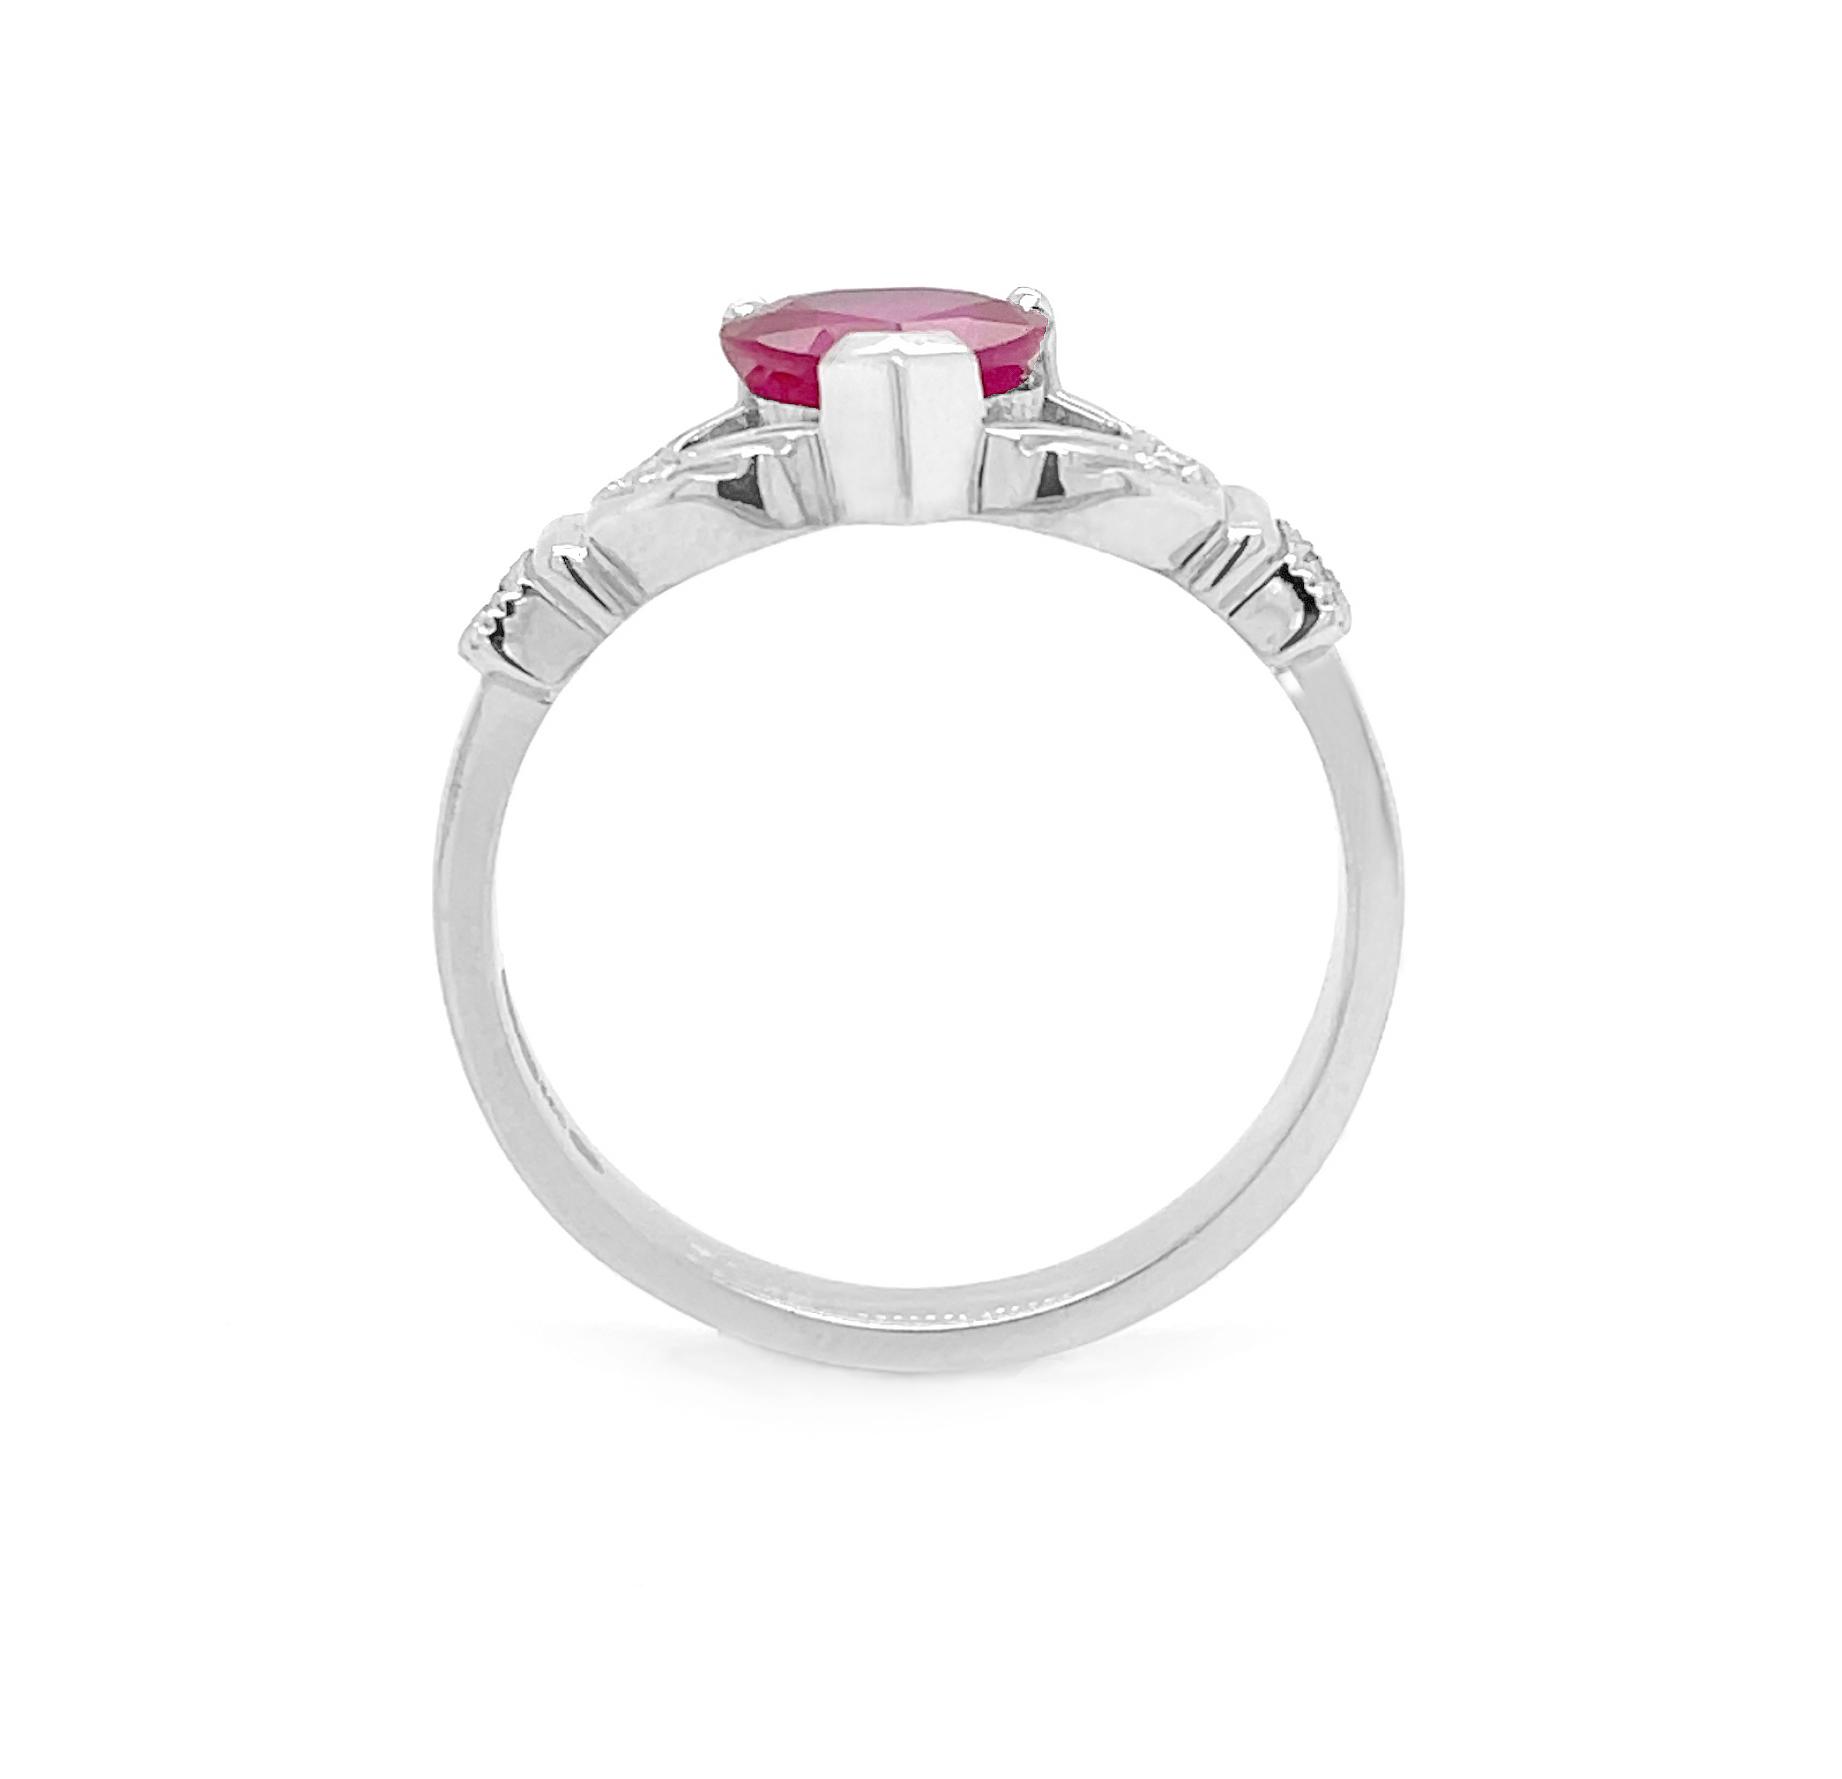 Ruby Claddagh Ring, 1.56 Carat